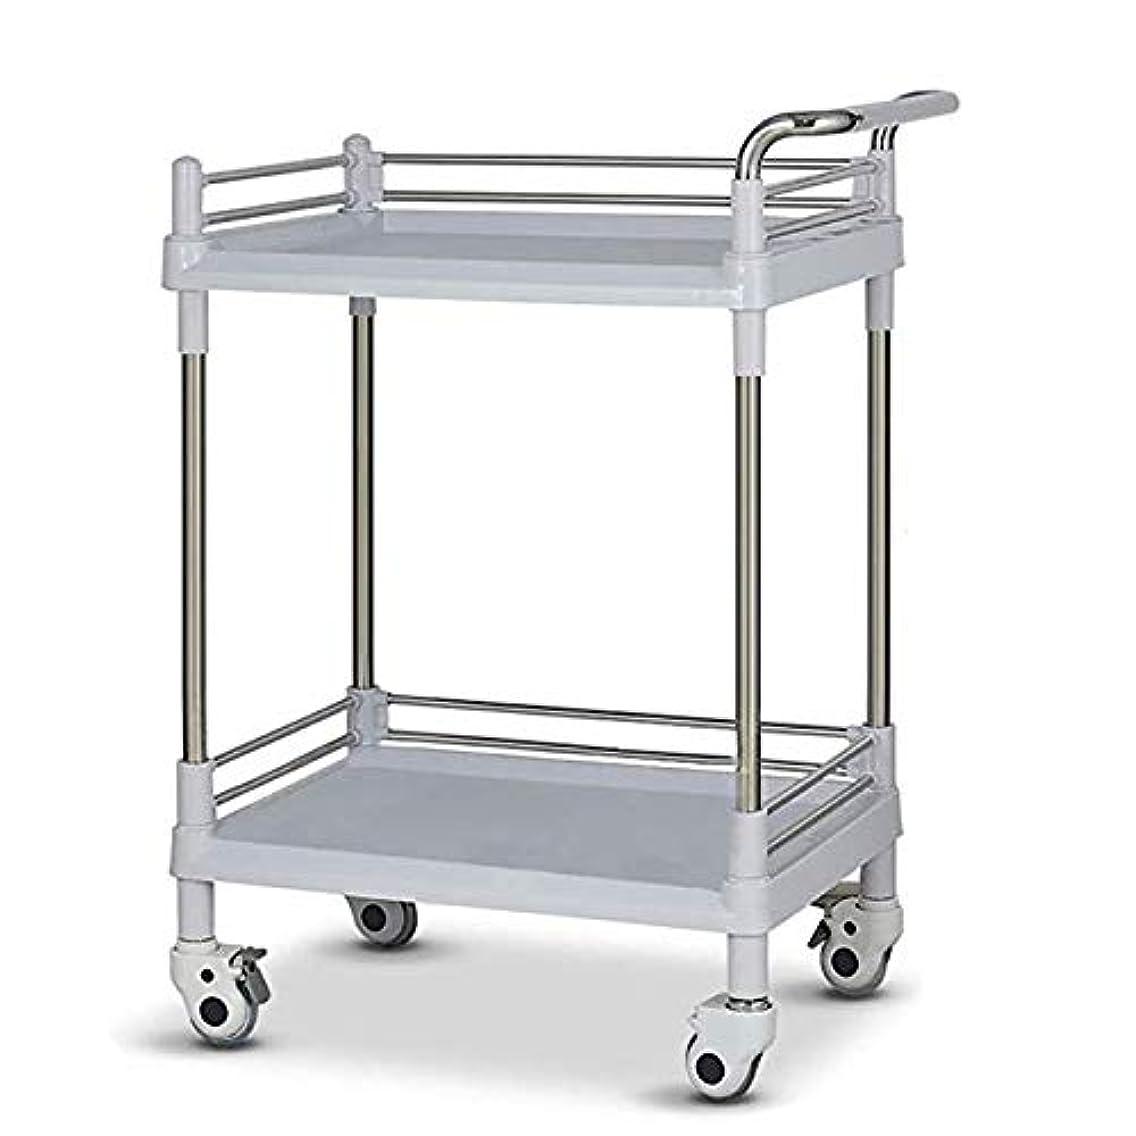 裁量アイスクリームオーストラリア車輪が付いている医学のトロリー、2層の美容院のカート、ABS理髪カート、理髪師の処置の棚の構造のカート,ベージュ